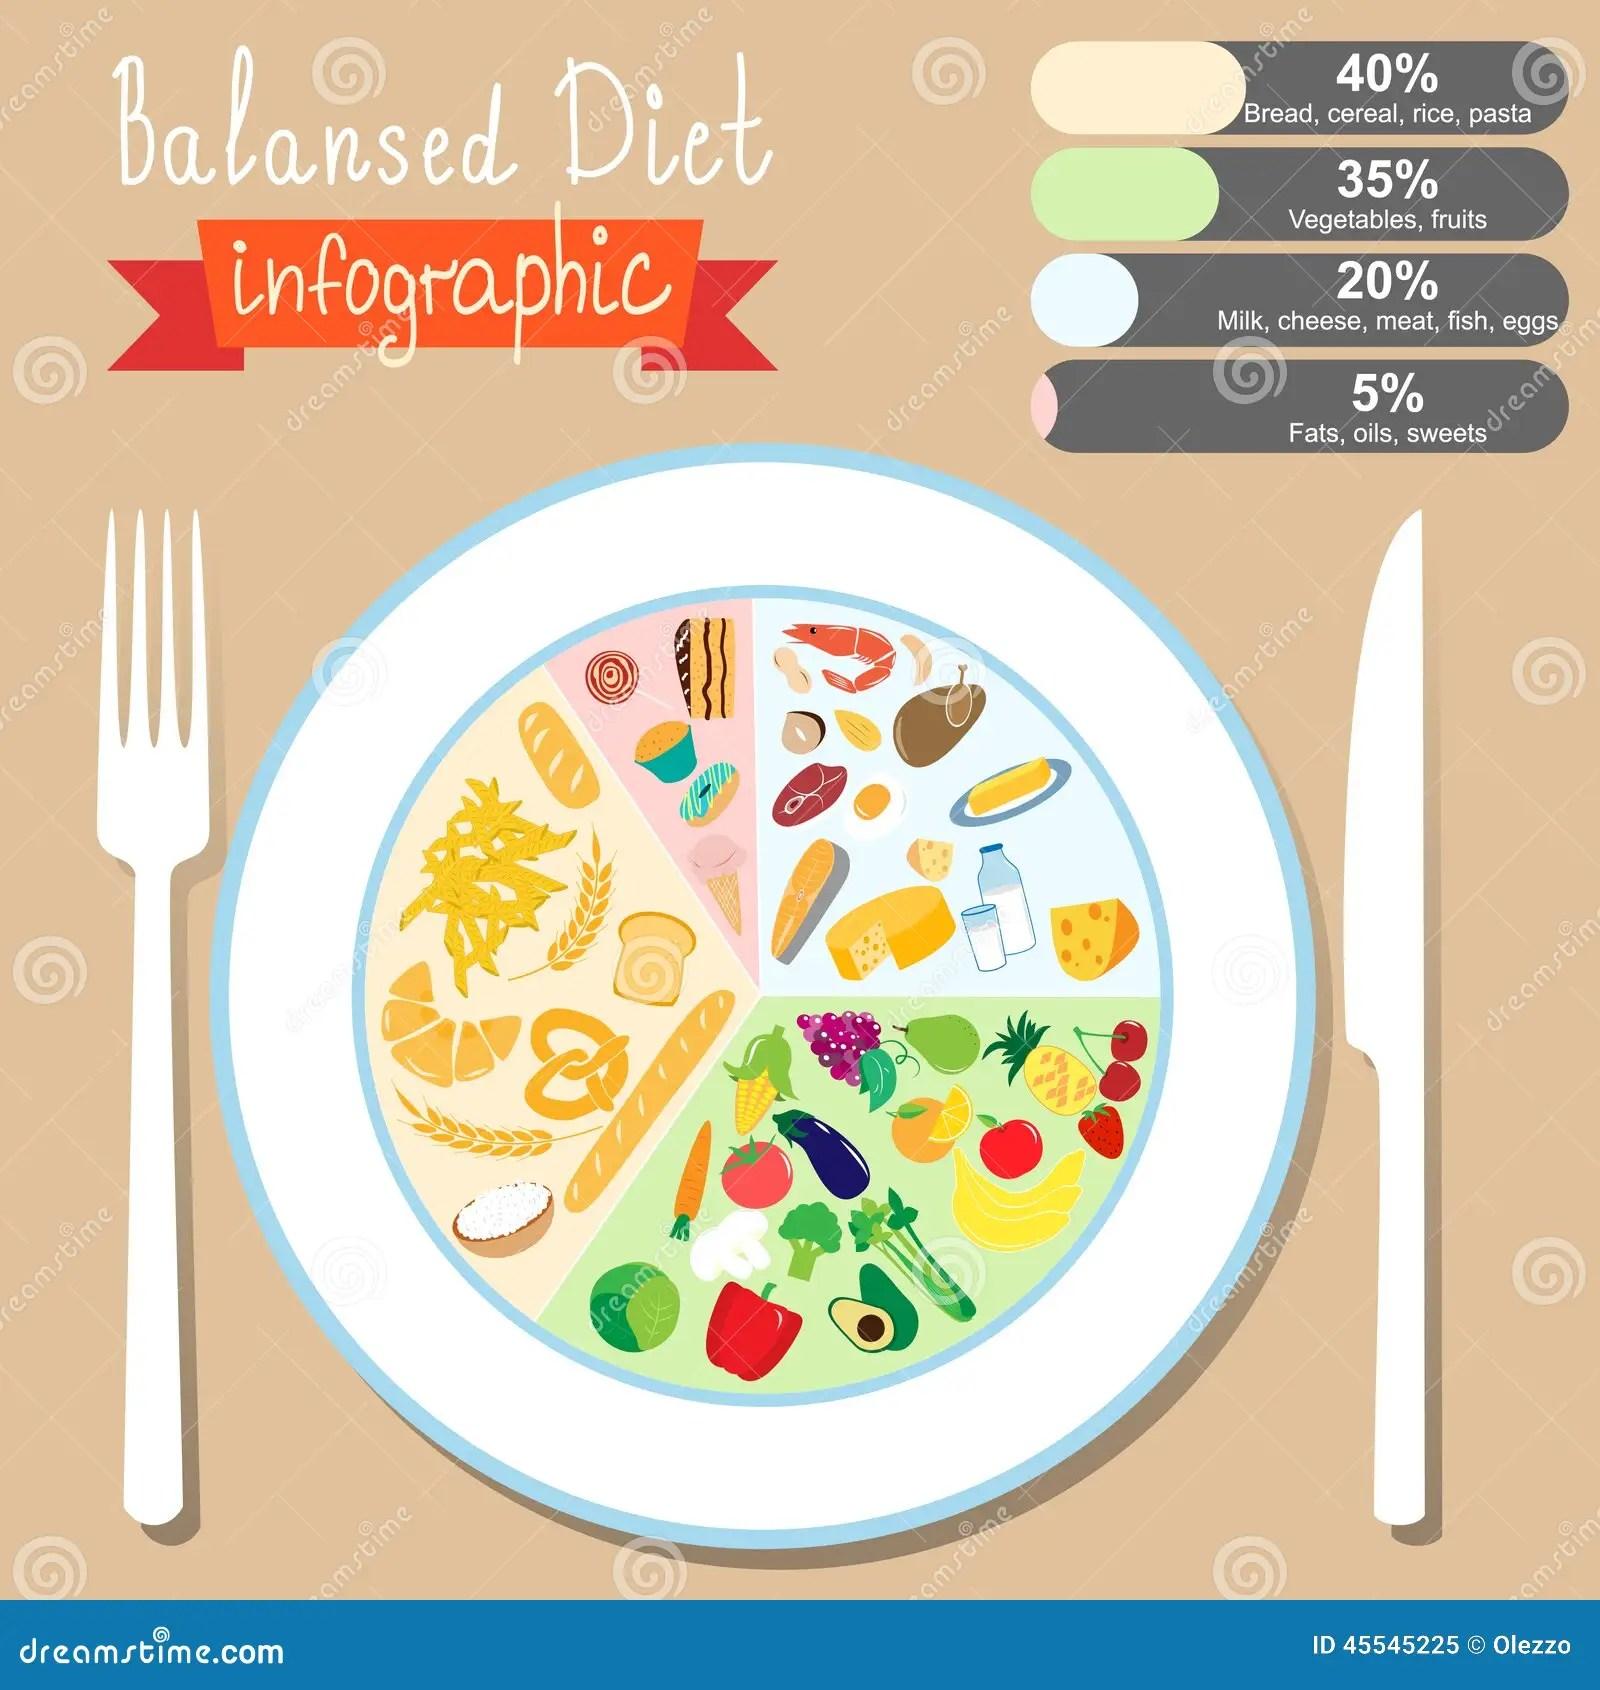 Food Label Worksheet For Diabetics